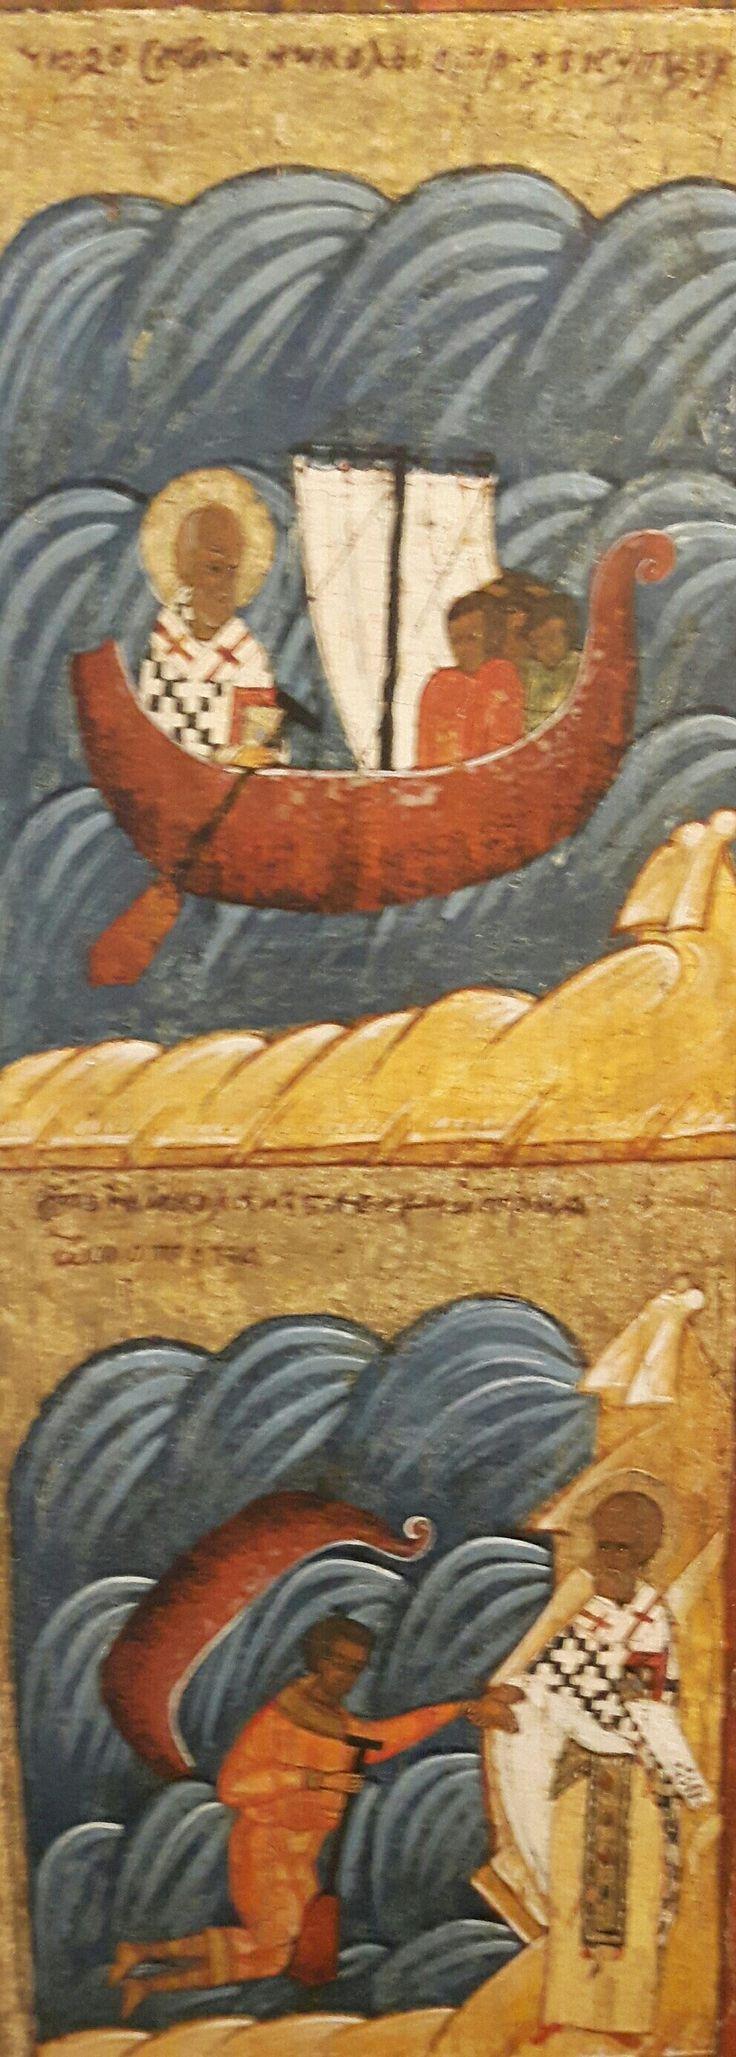 Dettaglio dell'icona di San Nicola arcivescovo di Mira con scene agiografiche. Seconda metà del XVI secolo. Rublëv Museum of Early Russian Art